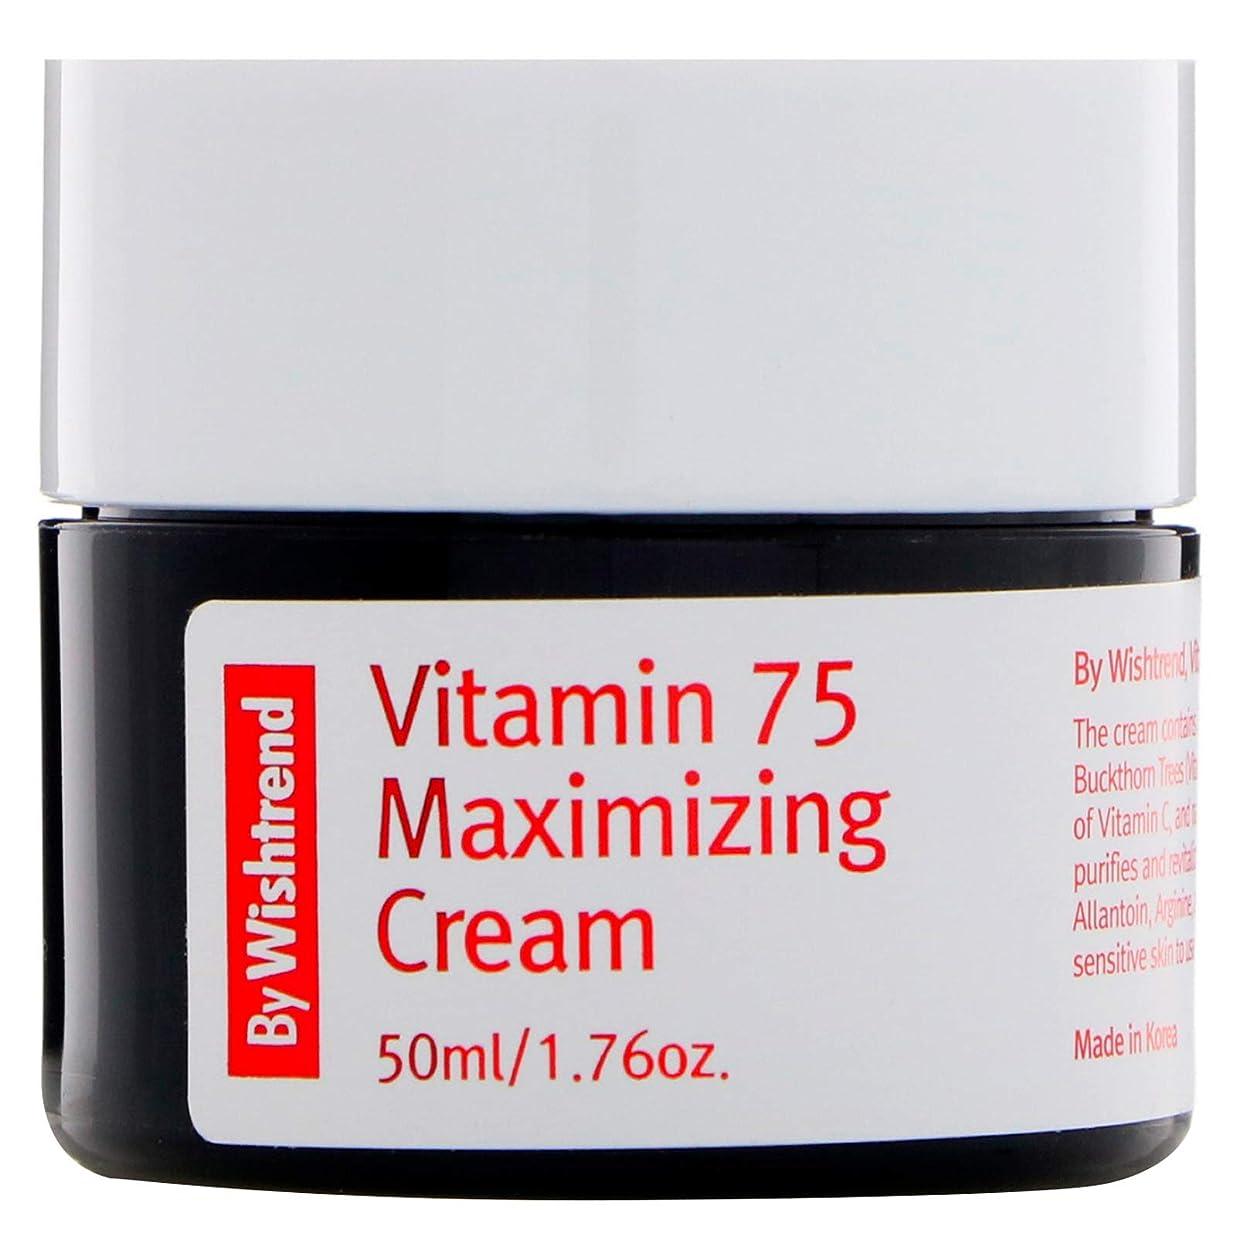 シーサイドギャング潜水艦[BY WISHTREND]ビタミン75 マキシマイジング クリーム, Vitamin 75 Maximizing Cream [並行輸入品]